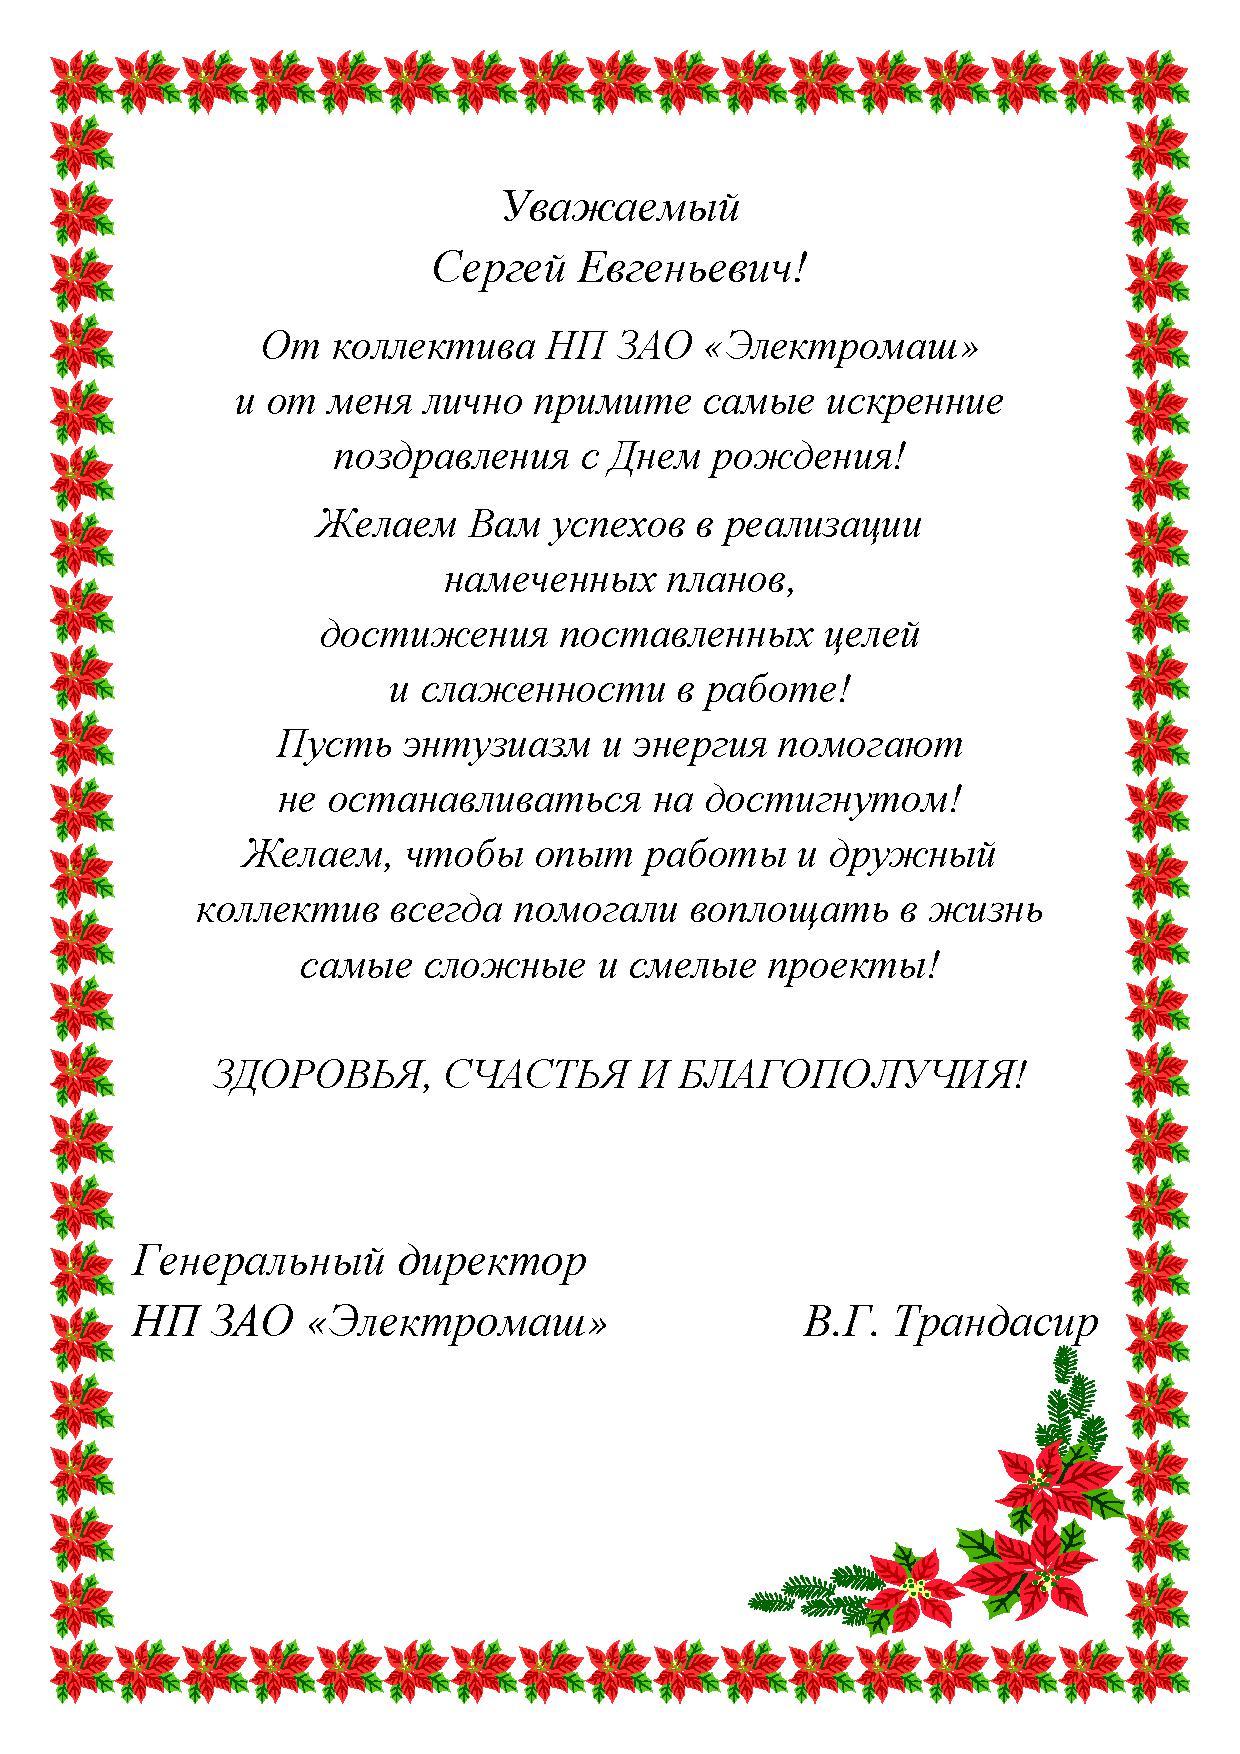 Анатолий поздравление с днем рождения